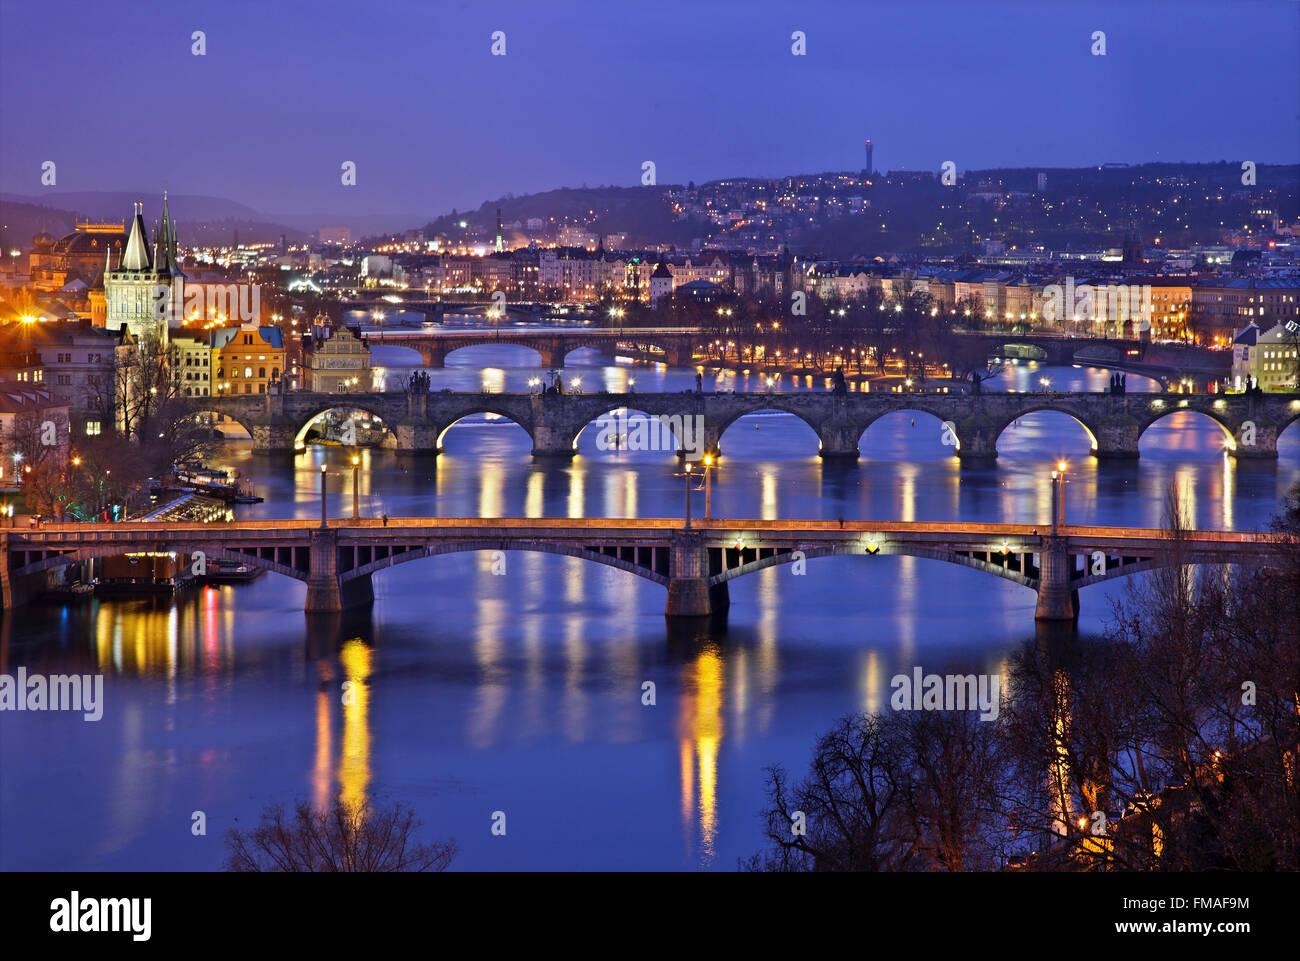 Los puentes sobre el río Vltava (Moldava), río, Praga, República Checa. La de en medio es el famoso Imagen De Stock